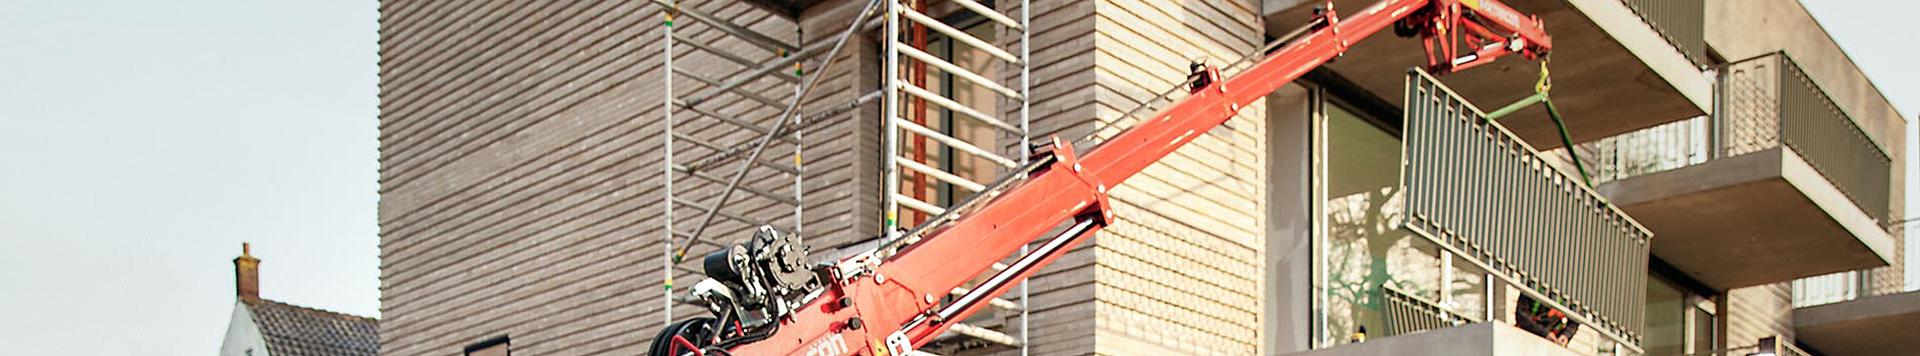 Header Hektracon Vorstenbosch Bernheze Veghel Uden vacature montagemedewerker stalen trappen en balustrades via XLIX Recruitment werving selectie Heesch Oss